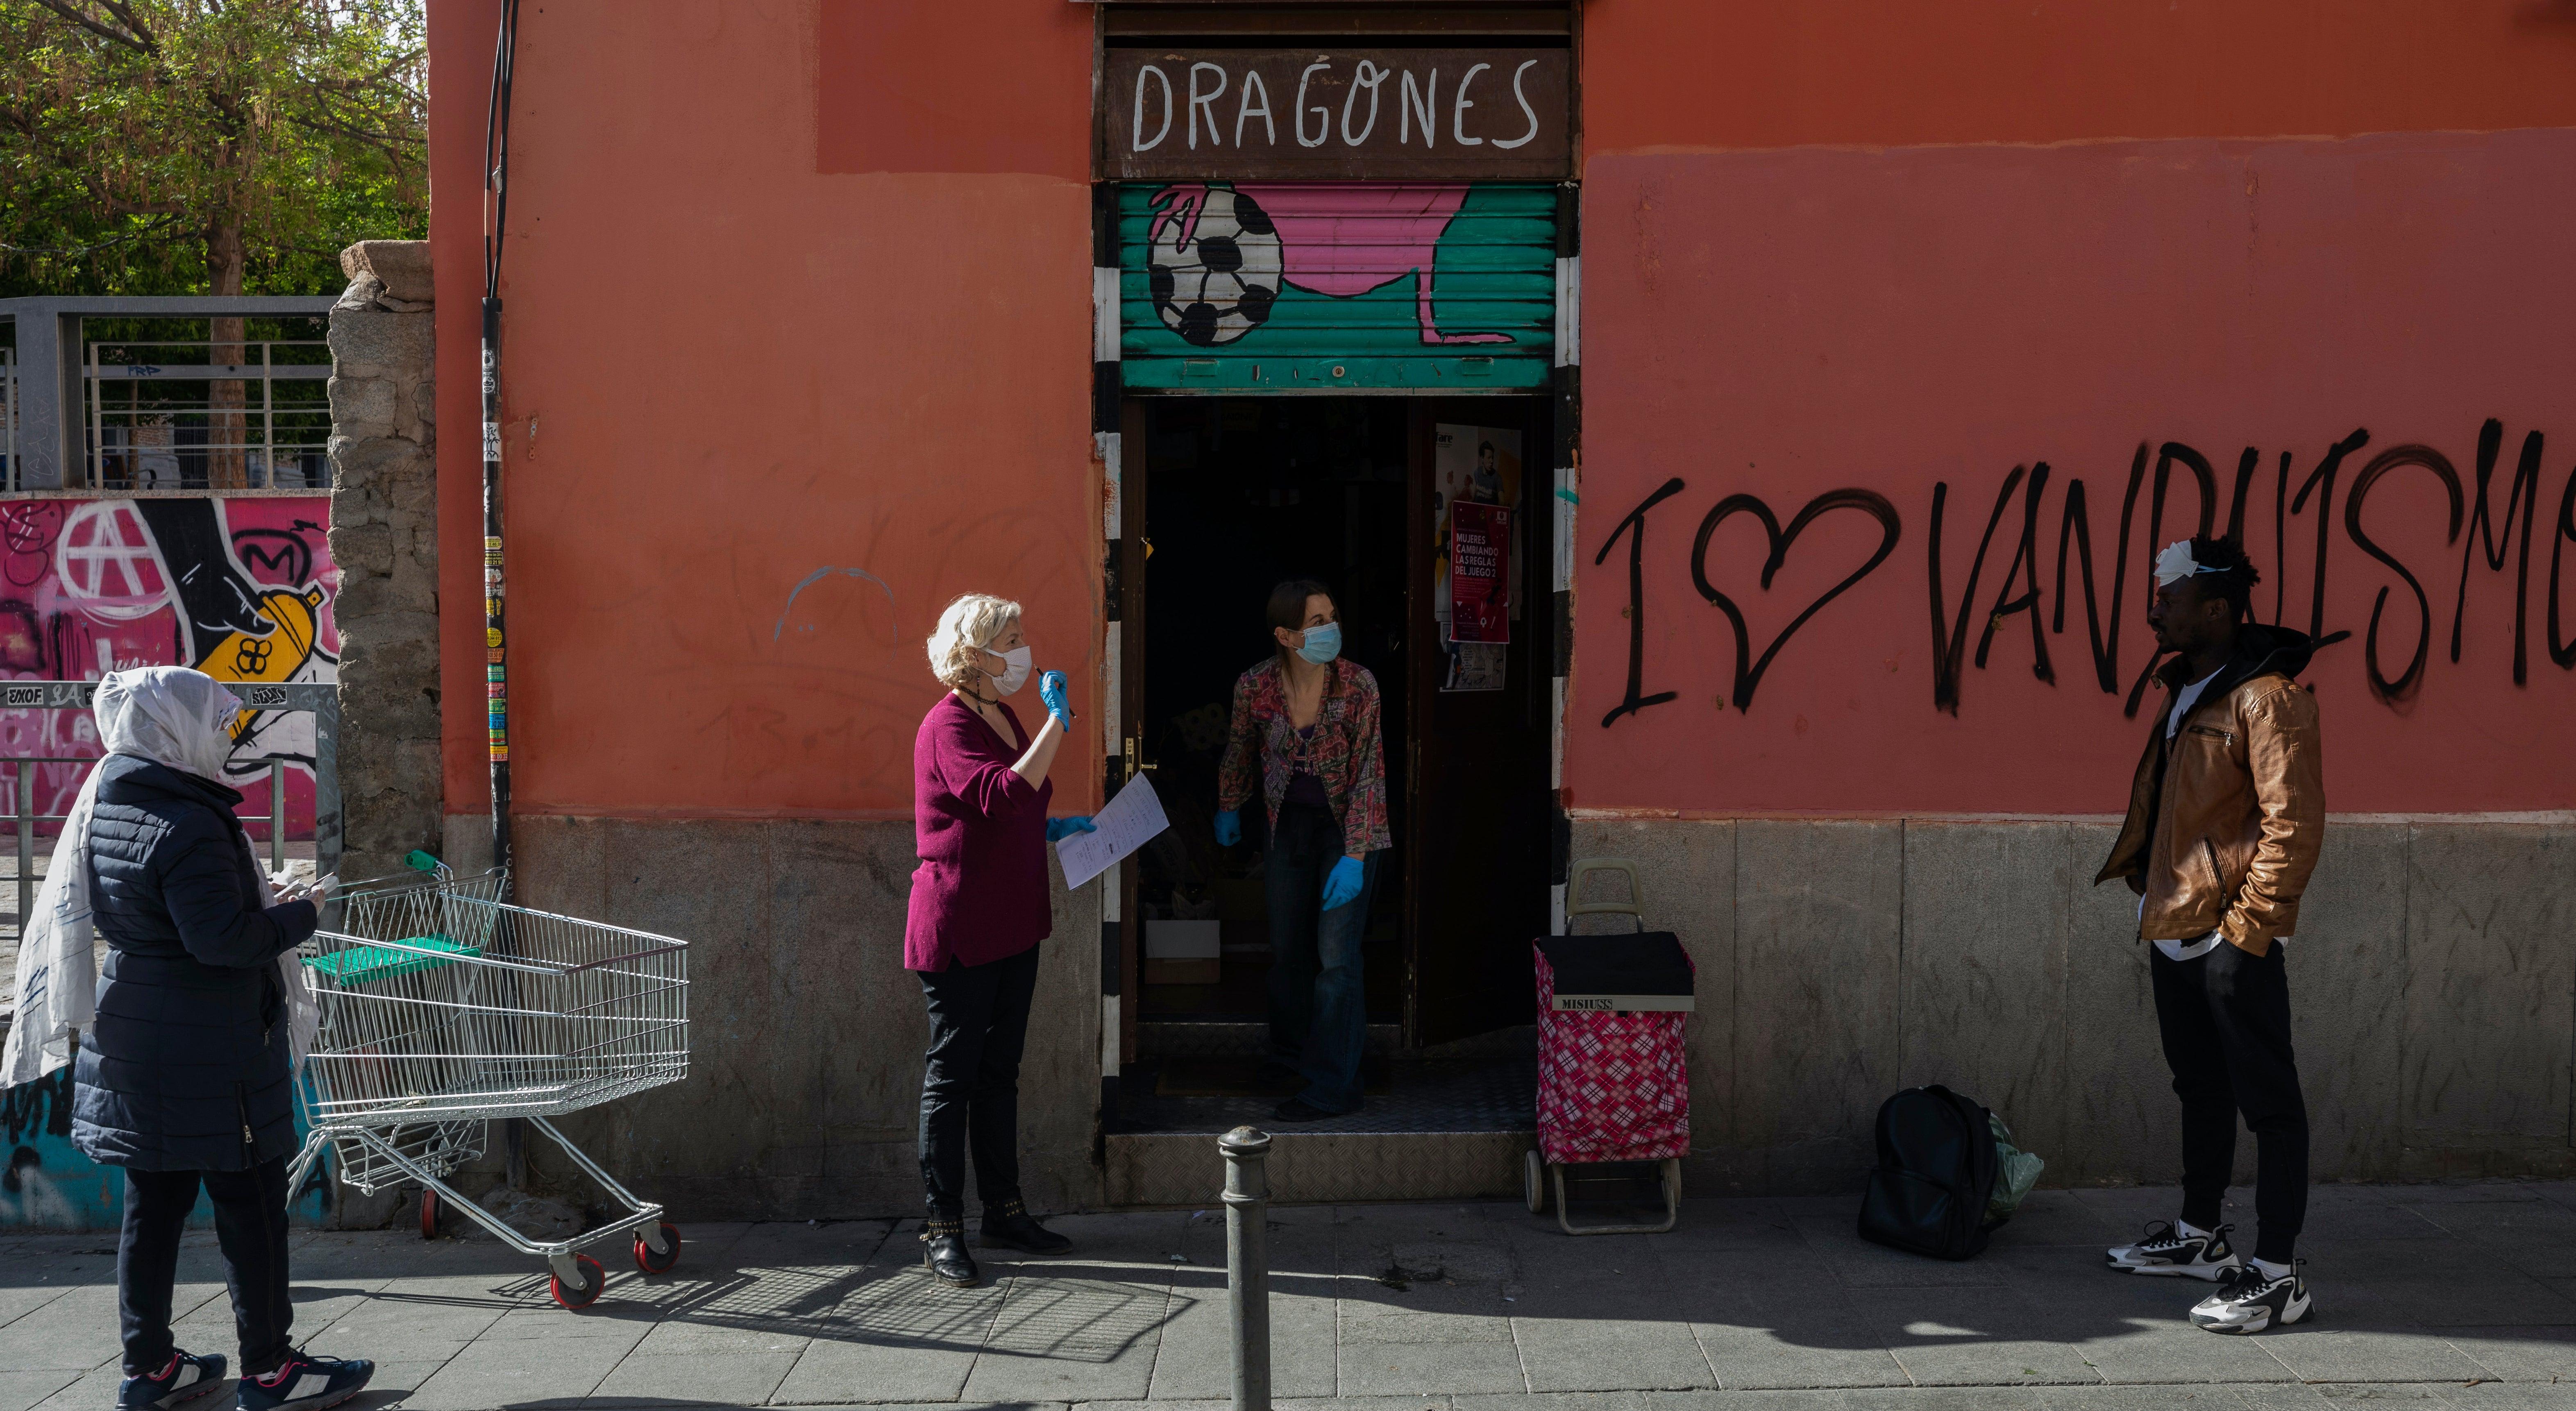 Spanien konnte sehen, starten Sie von coronavirus ablehnen, erwägt Lockerung der Beschränkungen: PM